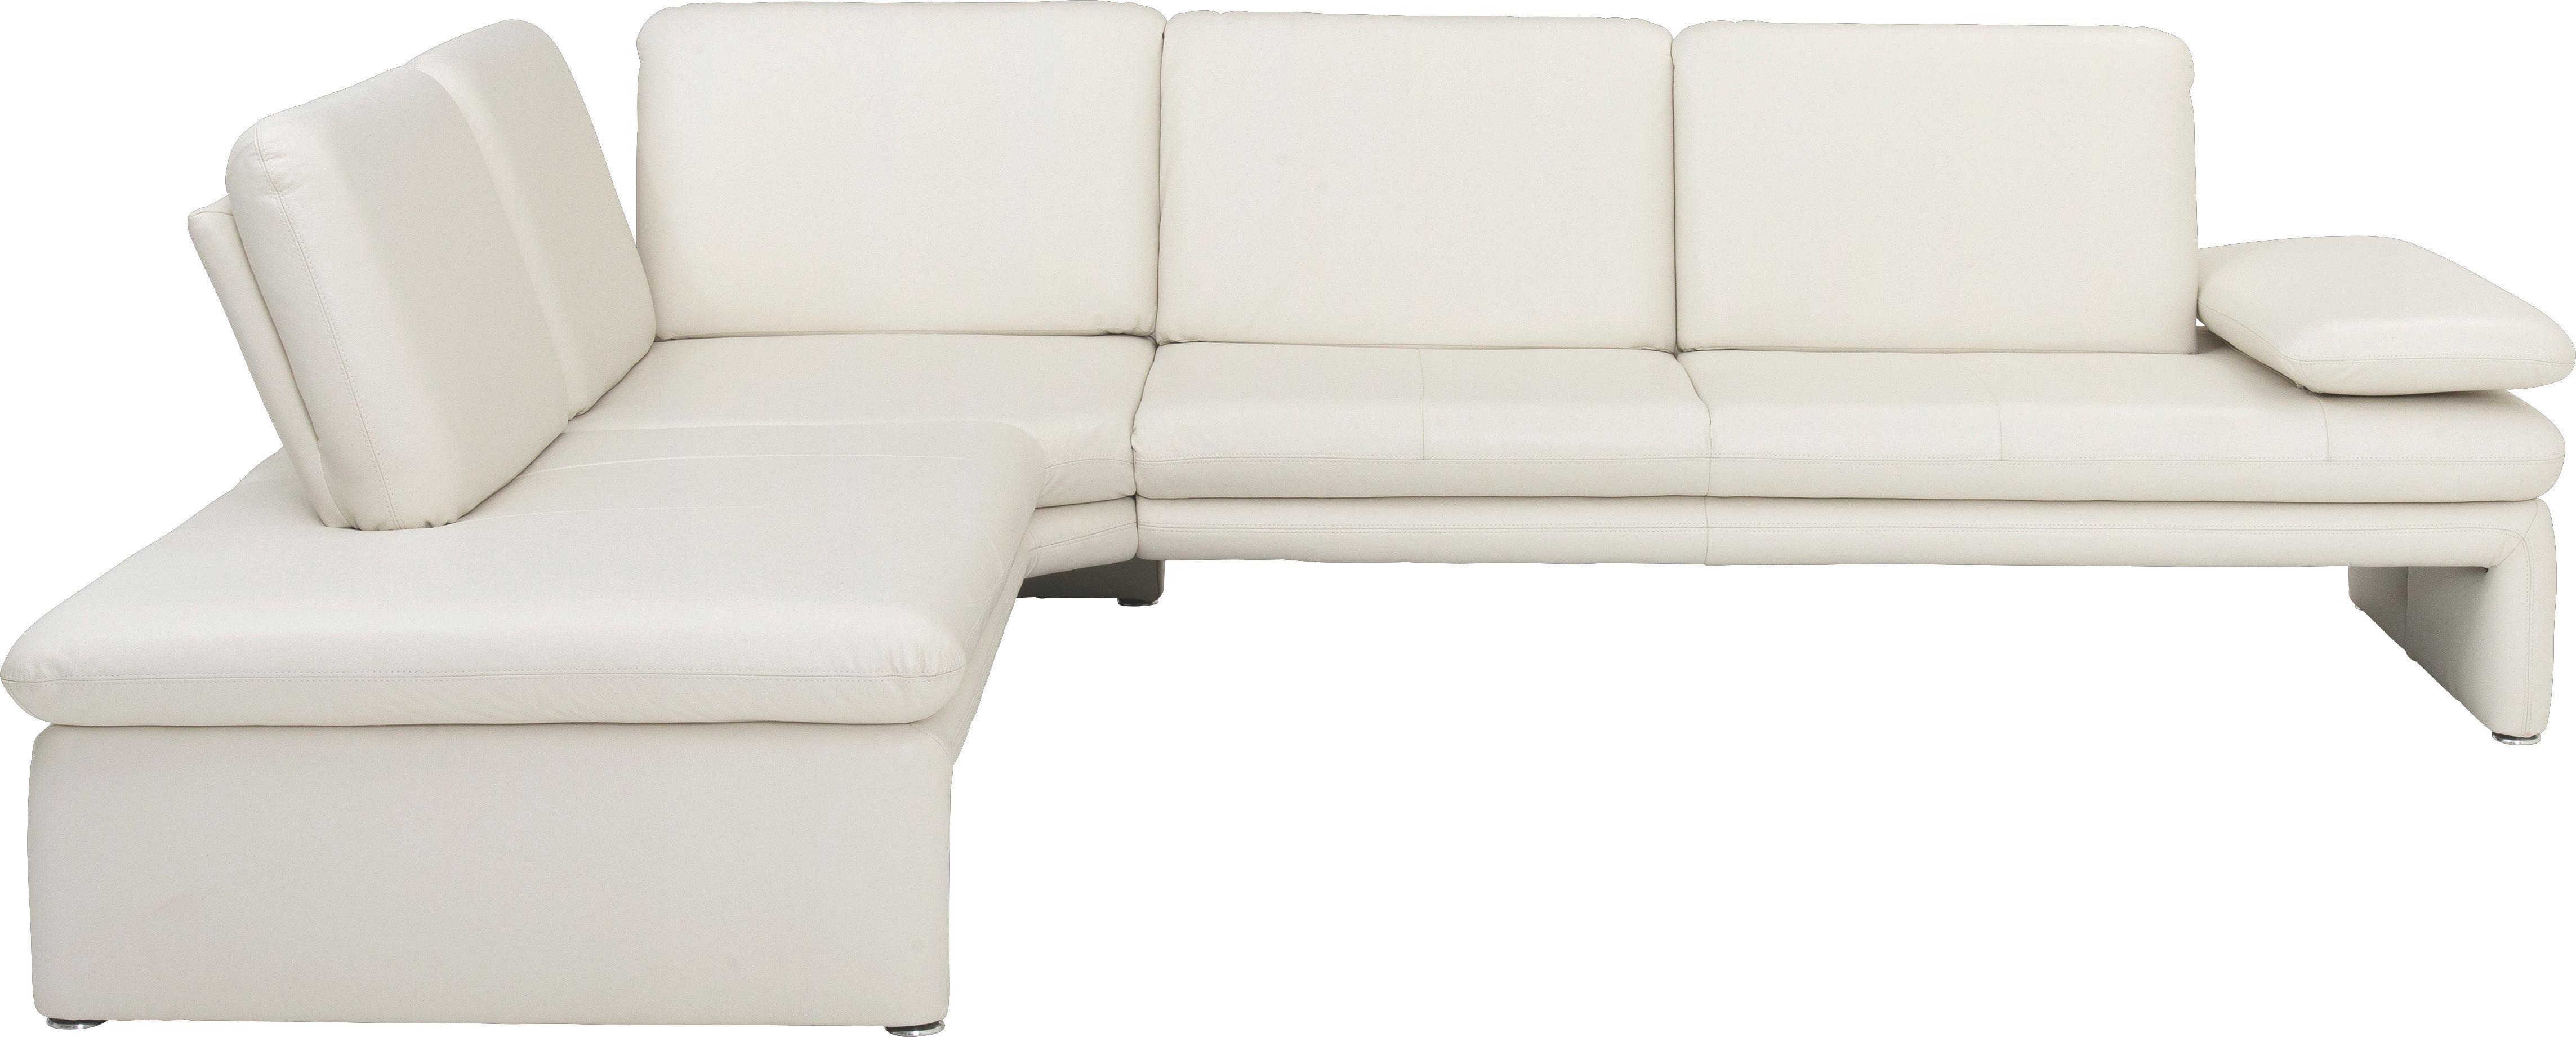 WOHNLANDSCHAFT Echtleder - Silberfarben/Weiß, Design, Leder/Metall (223/281cm) - CHILLIANO